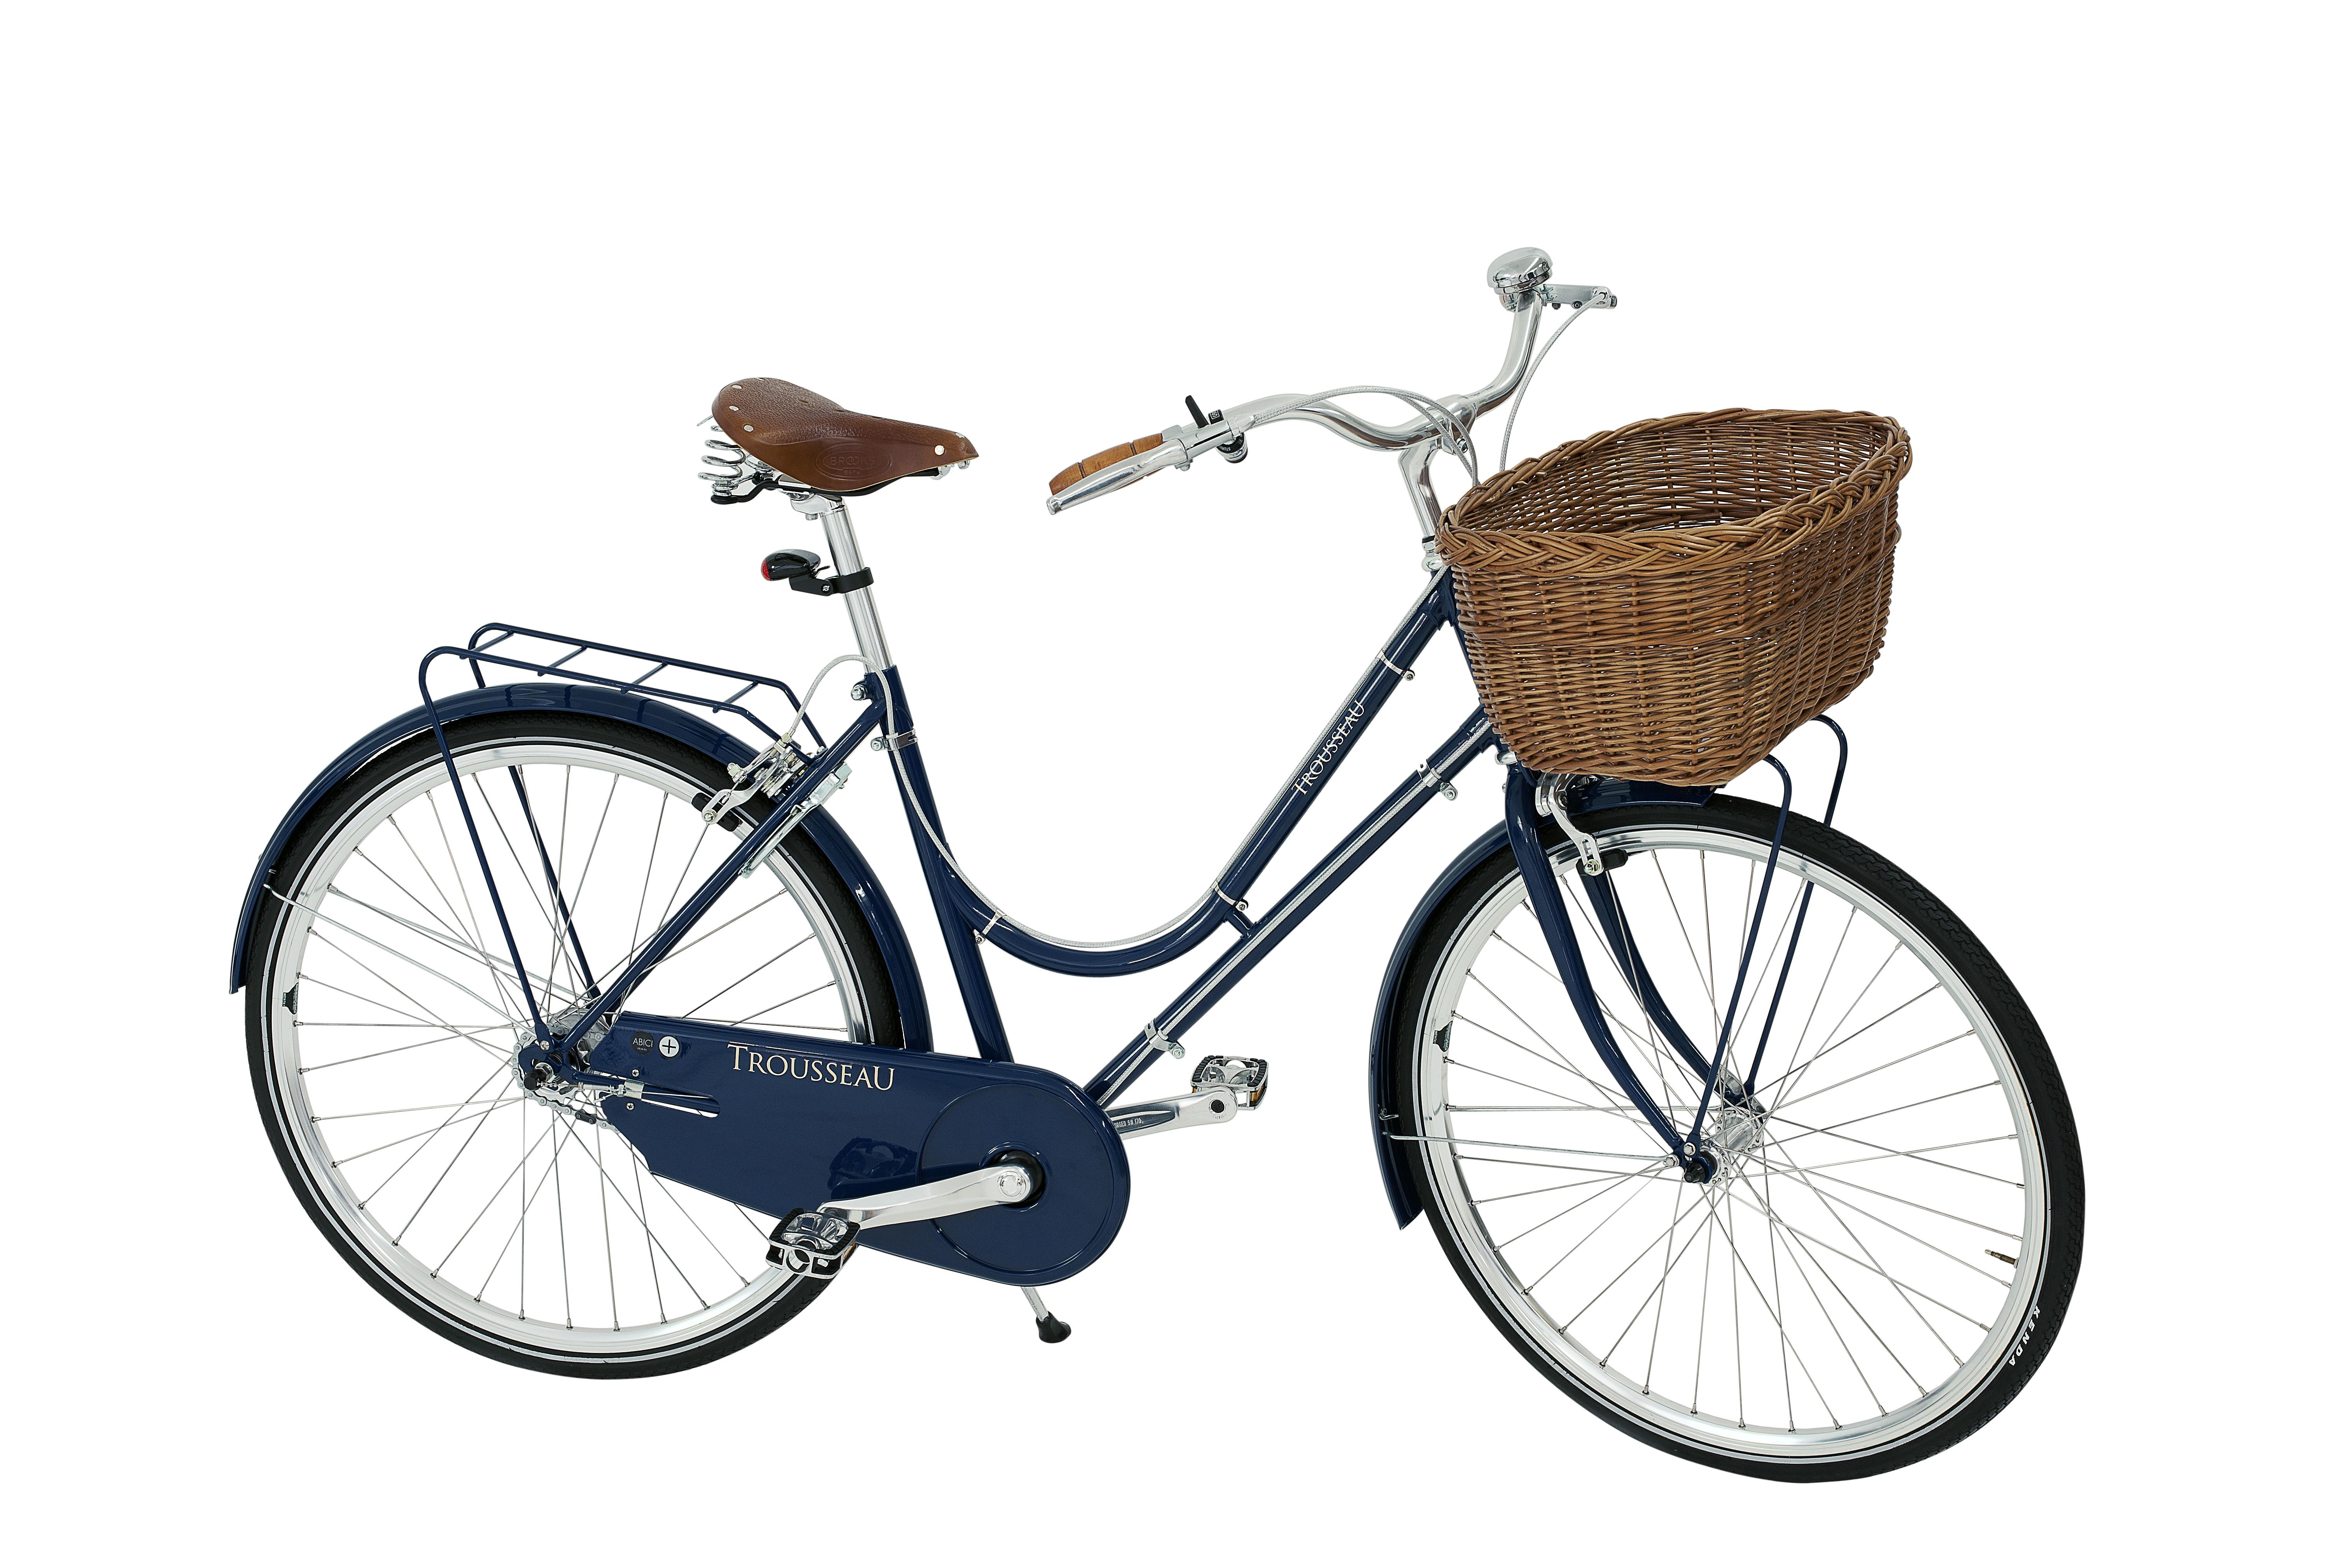 Trousseau apresenta novo modelo de bicicleta para o verão 2014